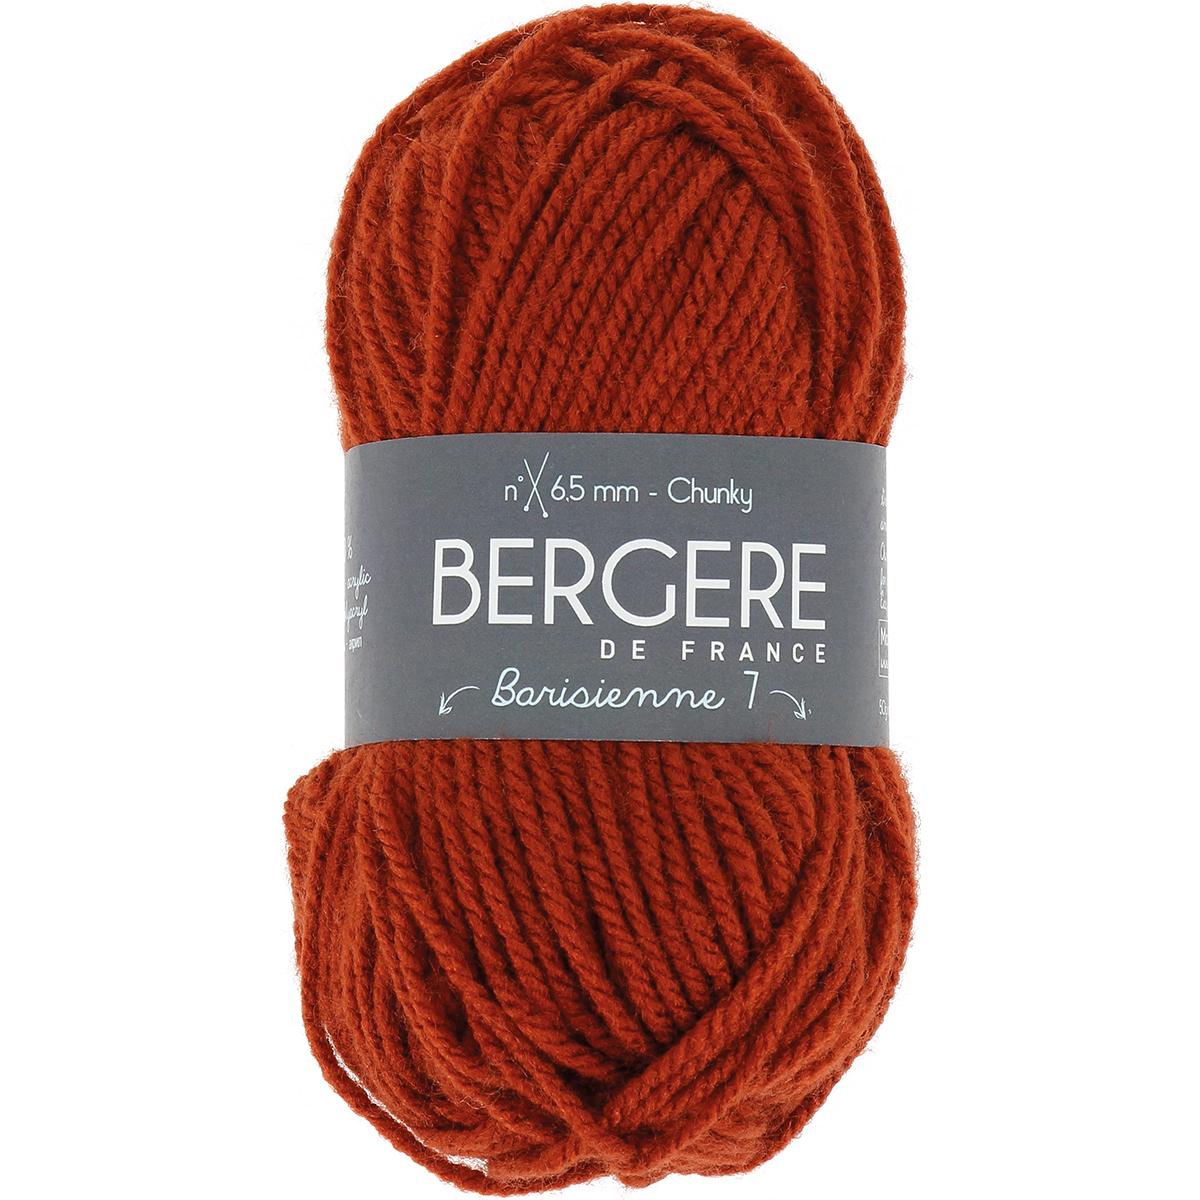 Bergere De France BARISIE7-10216 Terre Cuite - Barisienne 7 Yarn